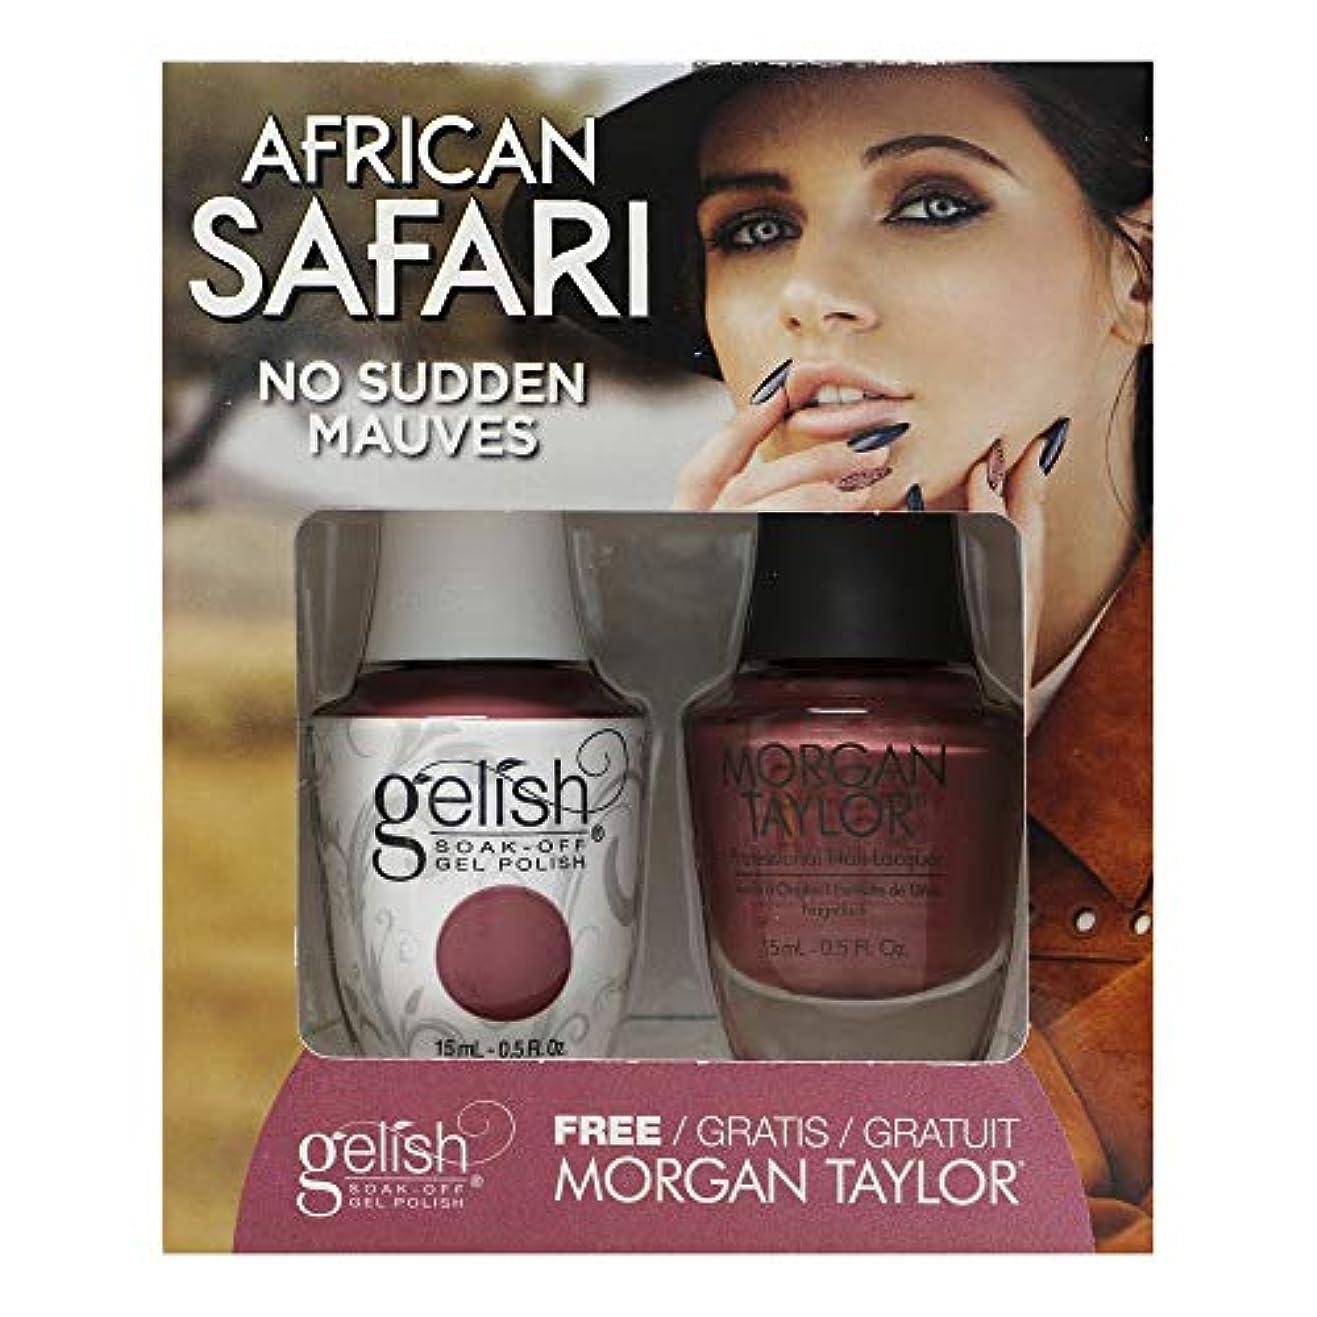 満員引き付ける一瞬Gelish - Two of a Kind - African Safari Collection - No Sudden Mauves